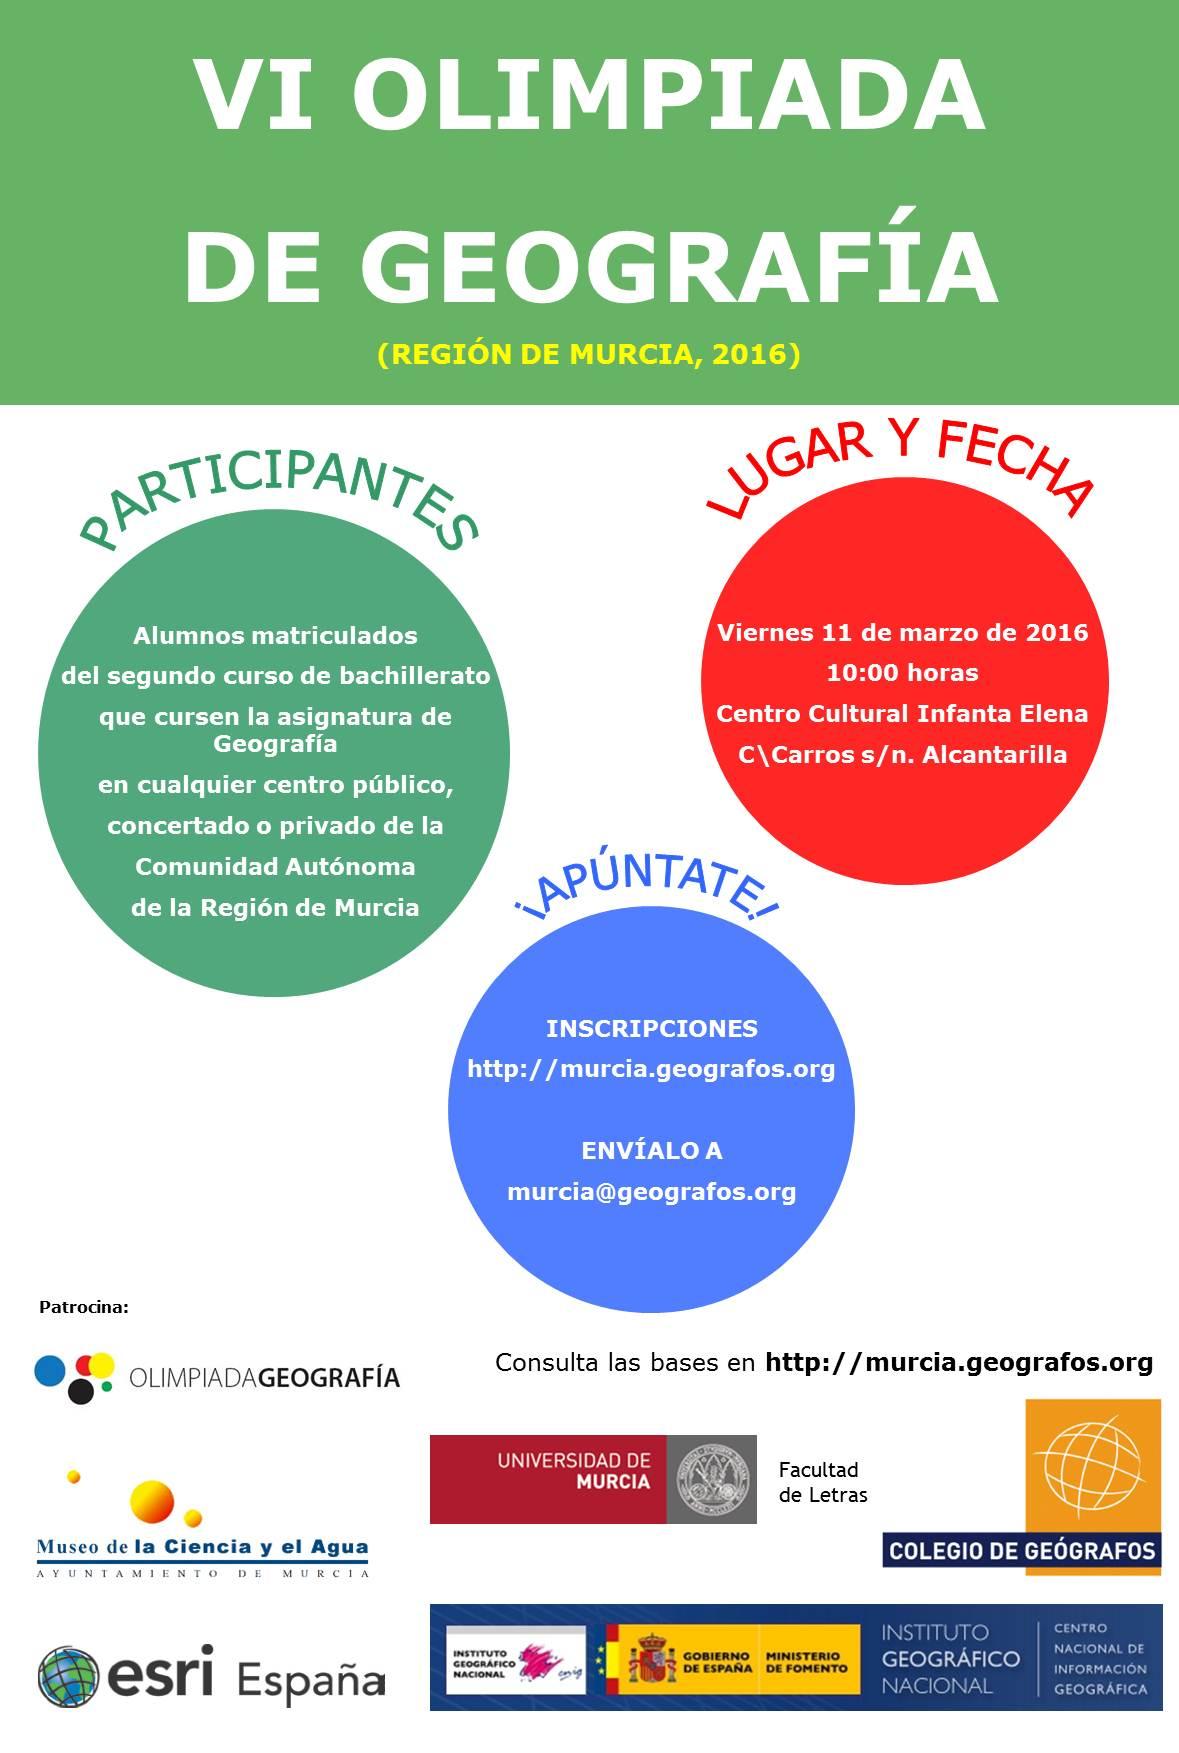 VI Olimpiada de Geografía de la Región de Murcia.